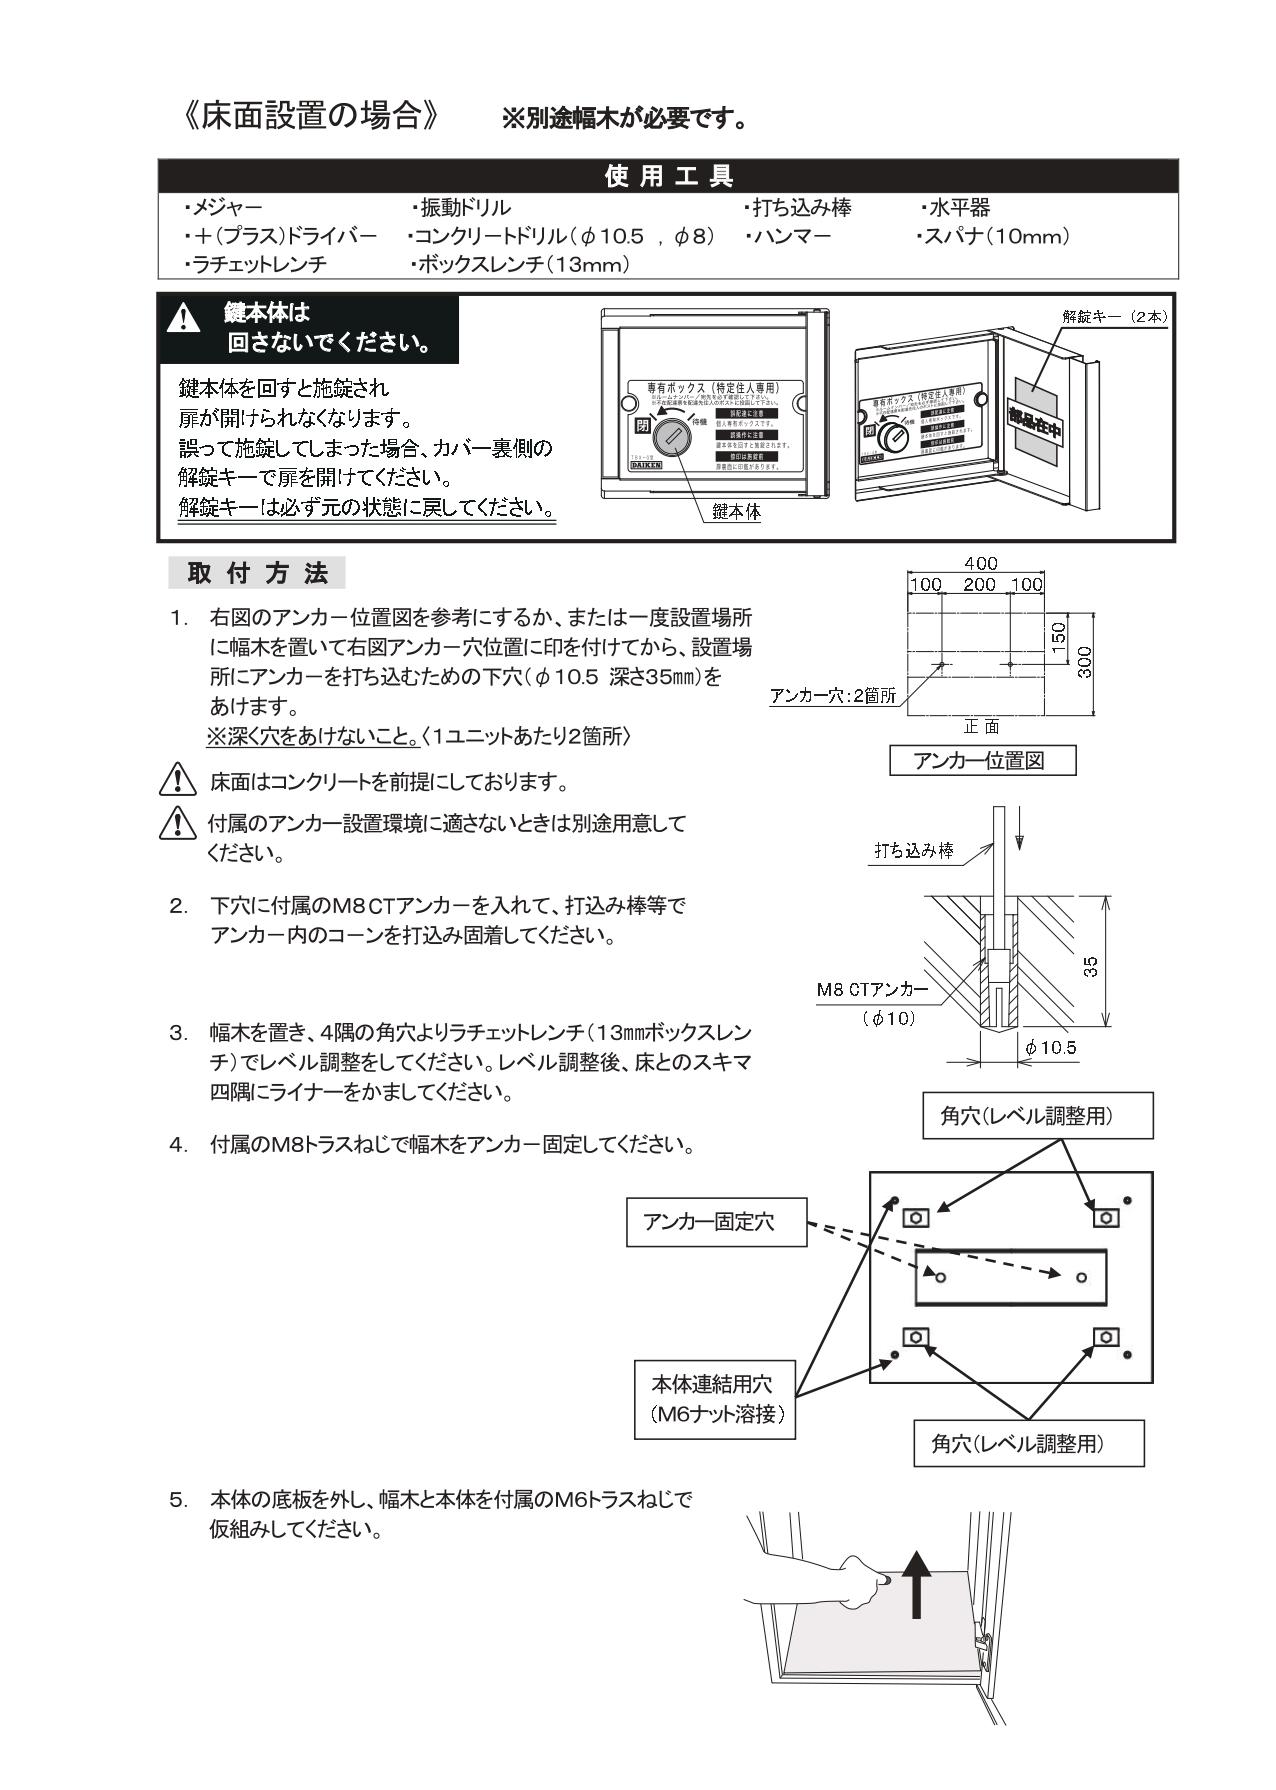 宅配ボックスTBX-G 施工説明書_page-0002